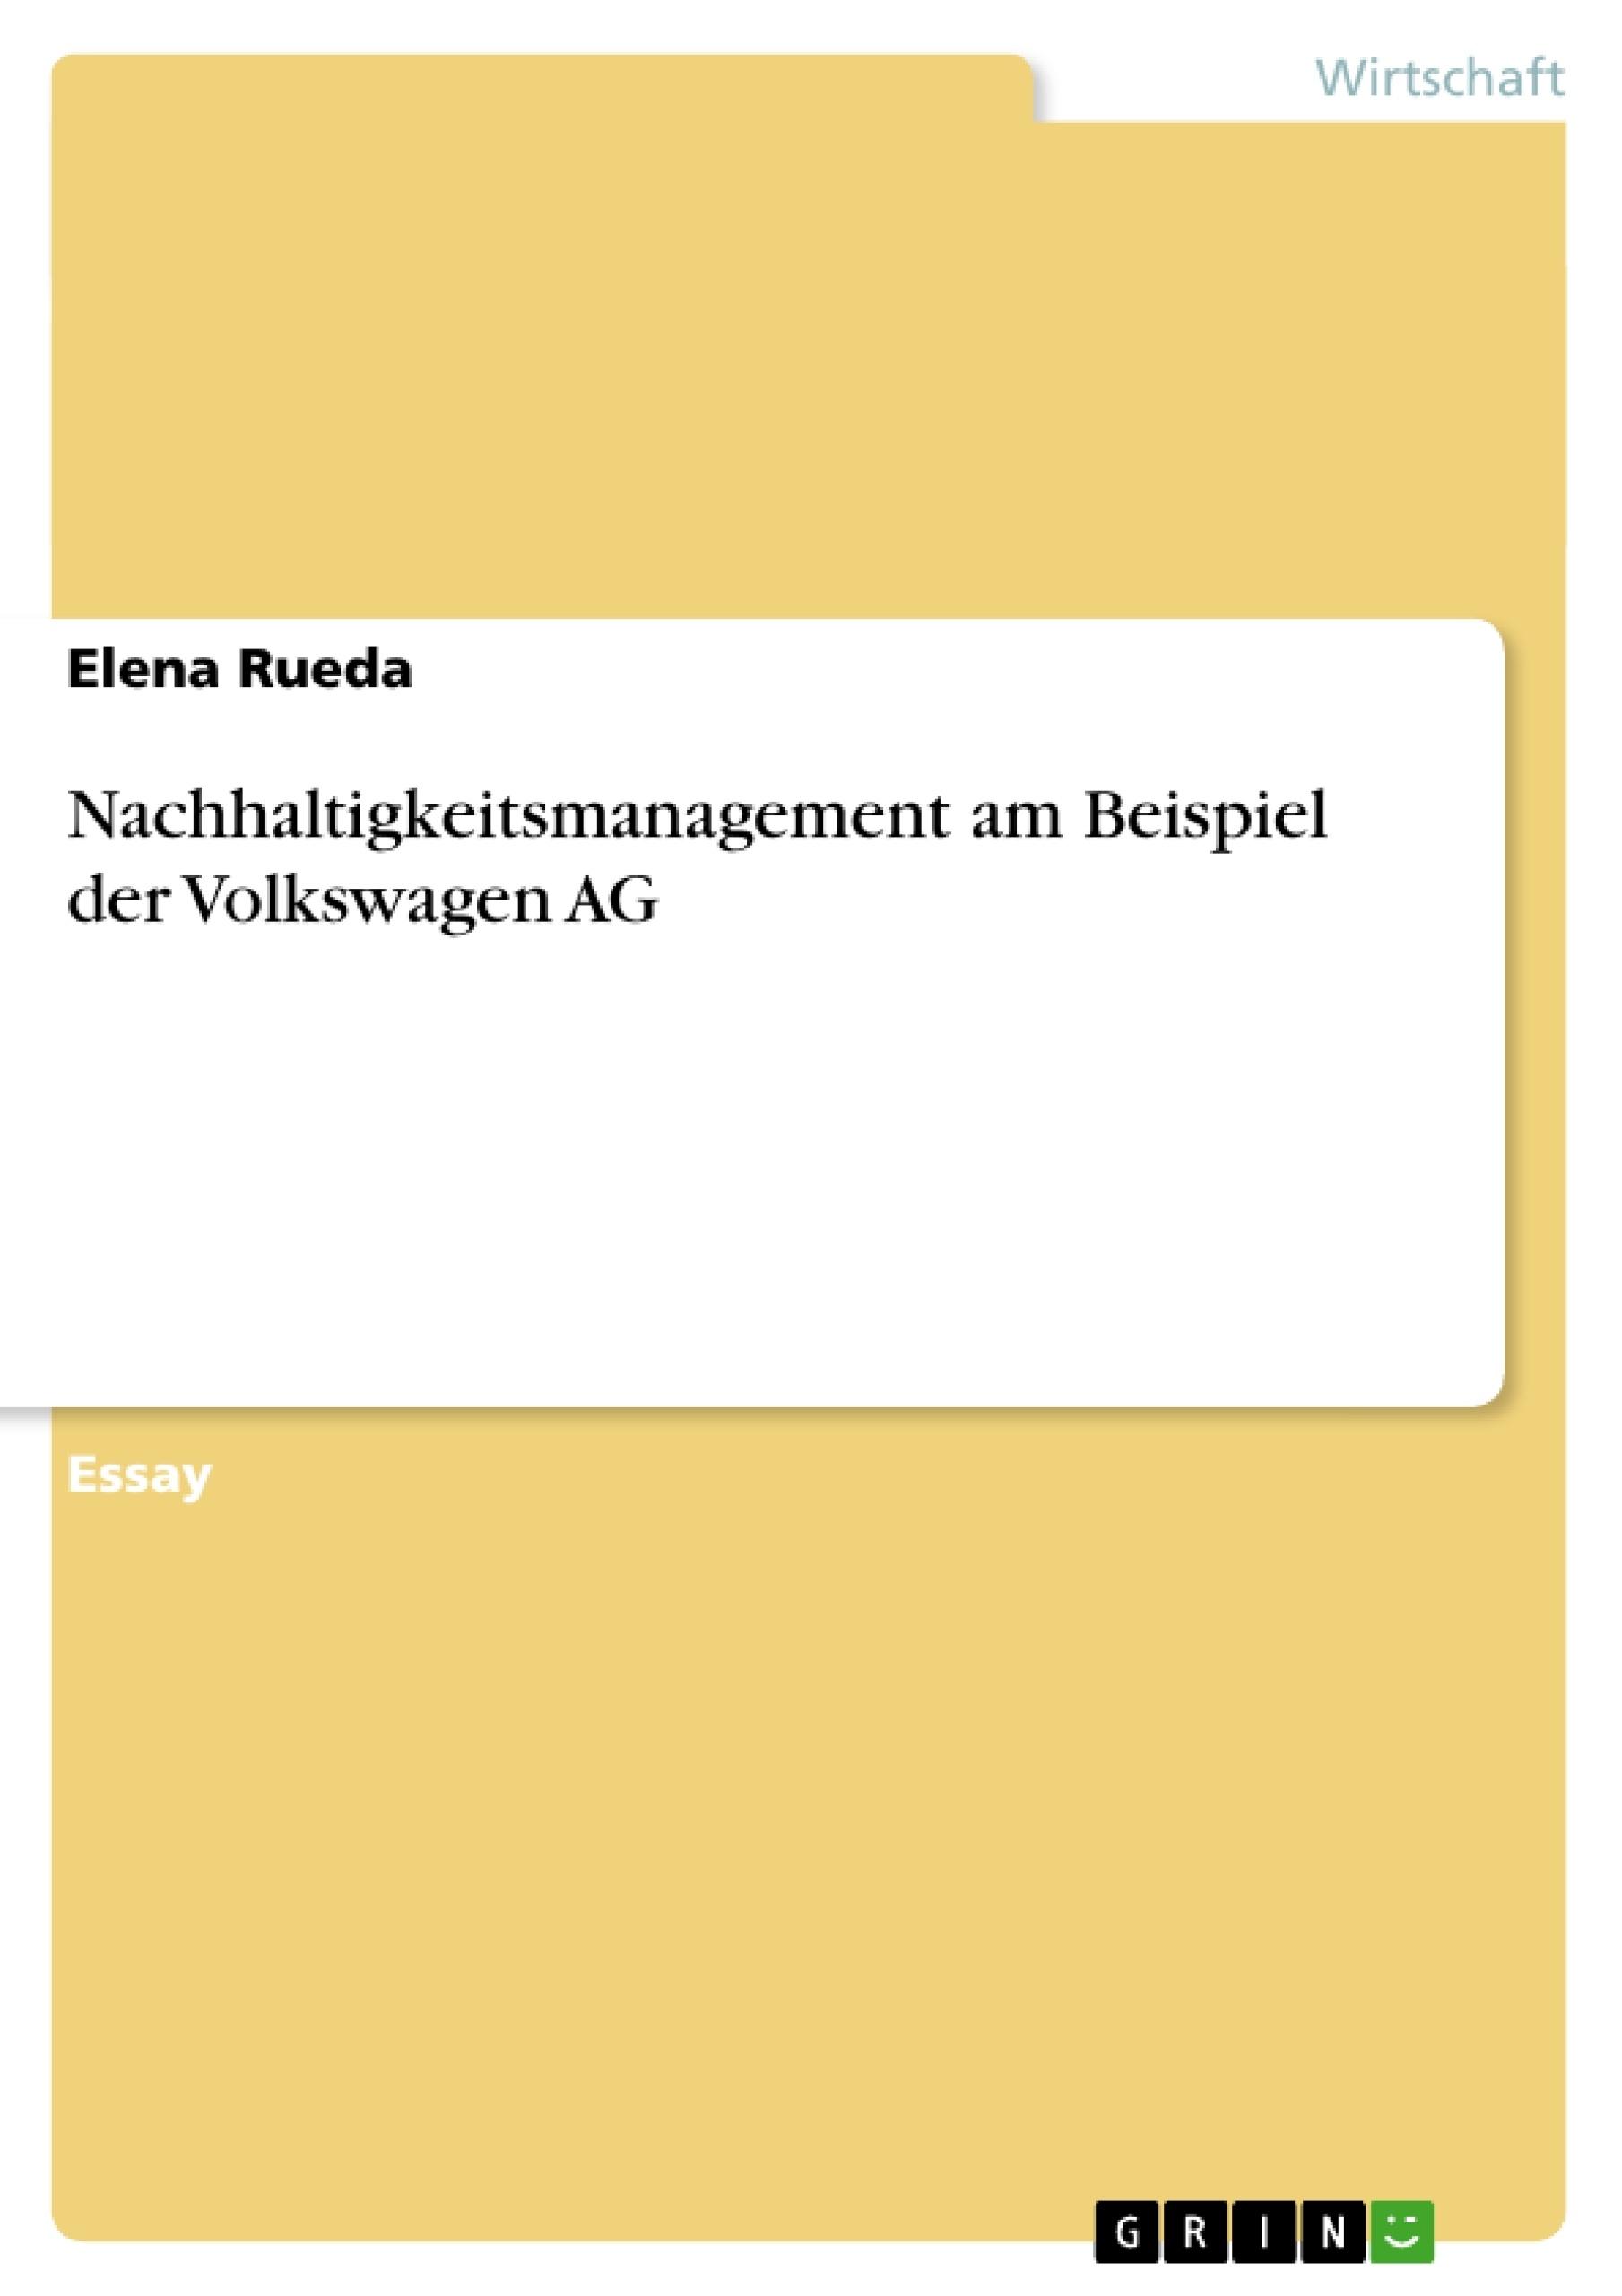 Titel: Nachhaltigkeitsmanagement am Beispiel der Volkswagen AG